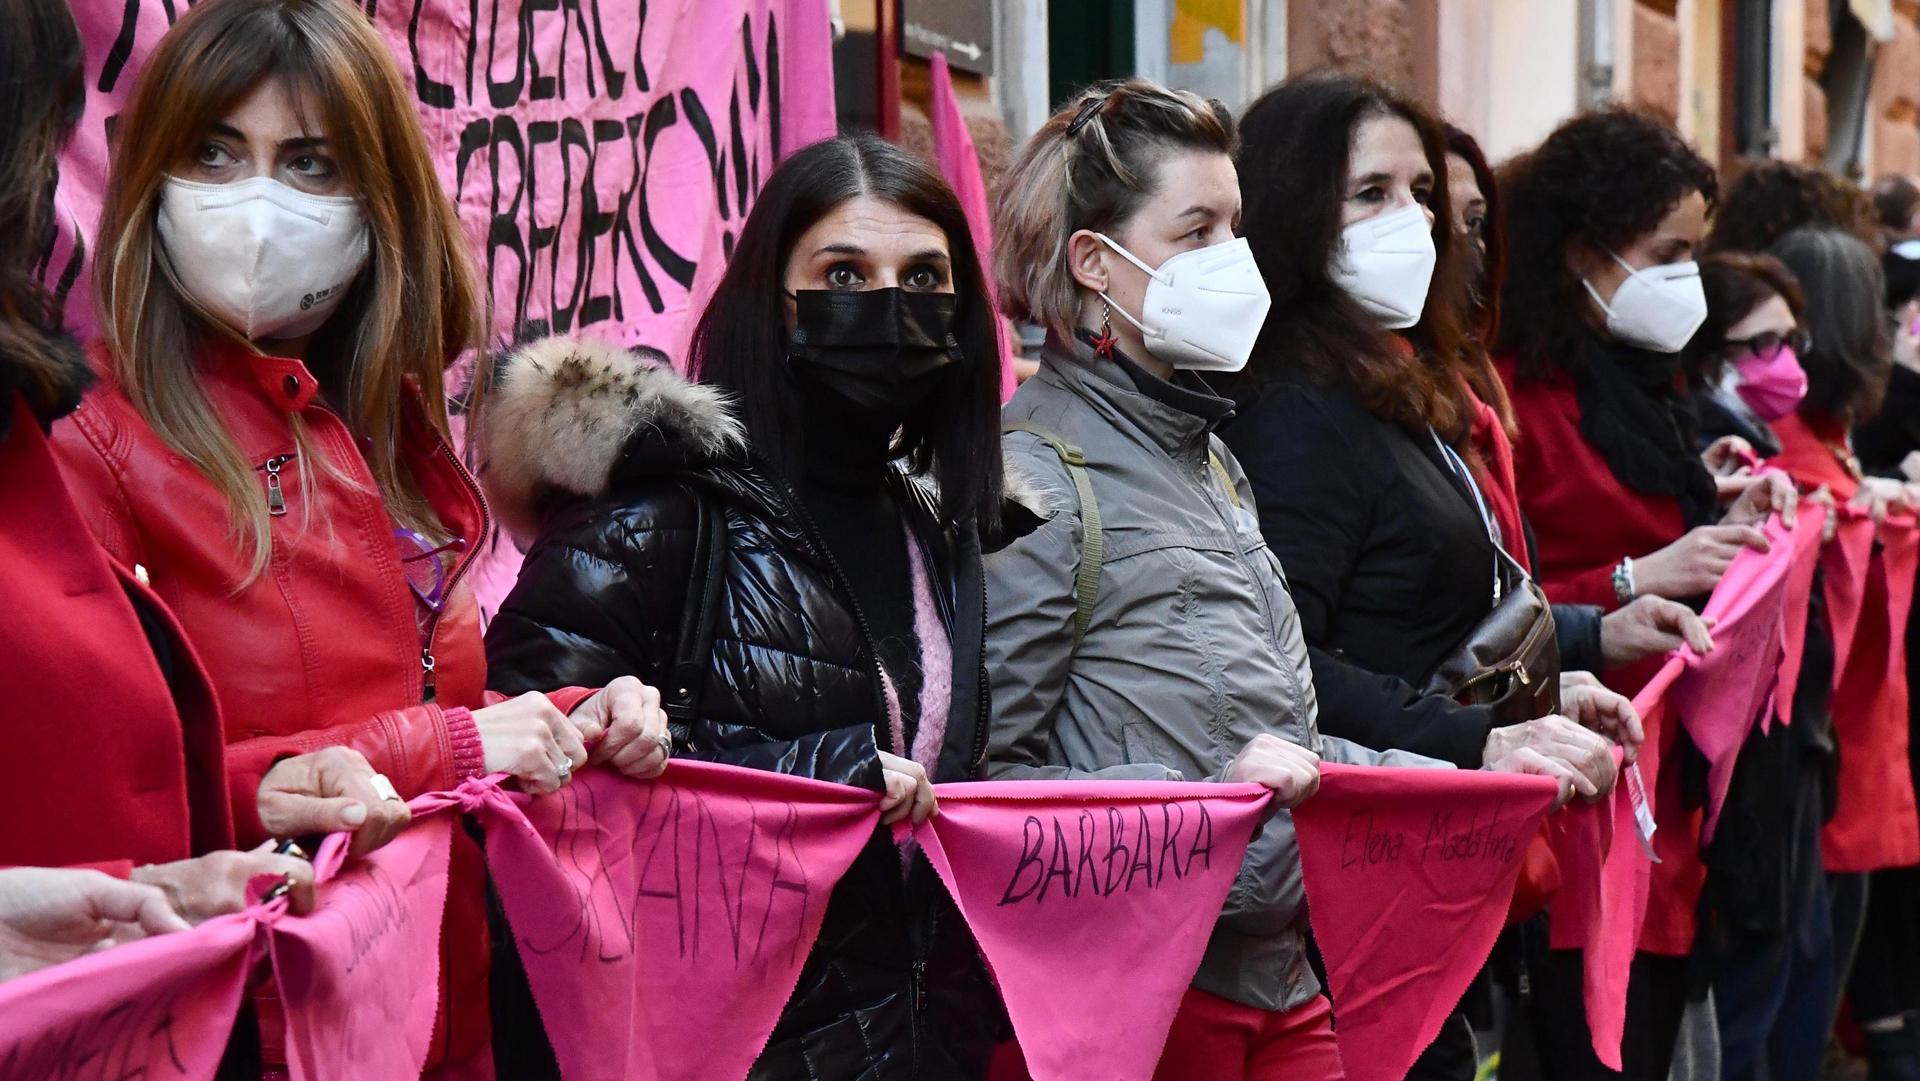 Violenza contro le donne: nei primi 2 mesi dell'anno c'è stato un femminicidio ogni 5 giorni